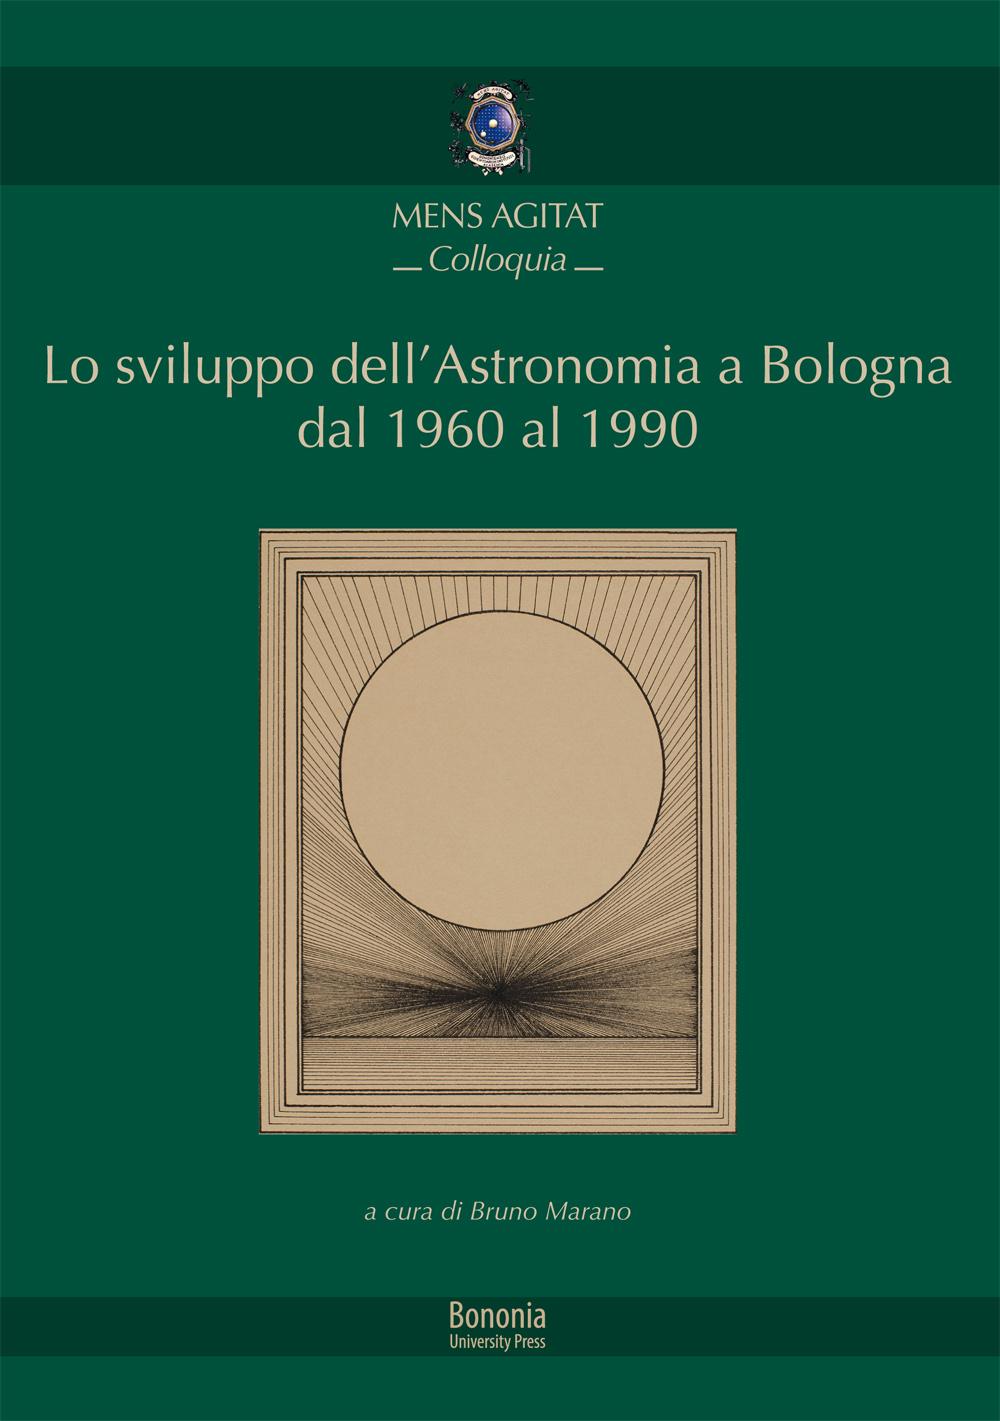 2. Lo sviluppo dell'Astronomia a Bologna dal 1960 al 1990 - Bononia University Press